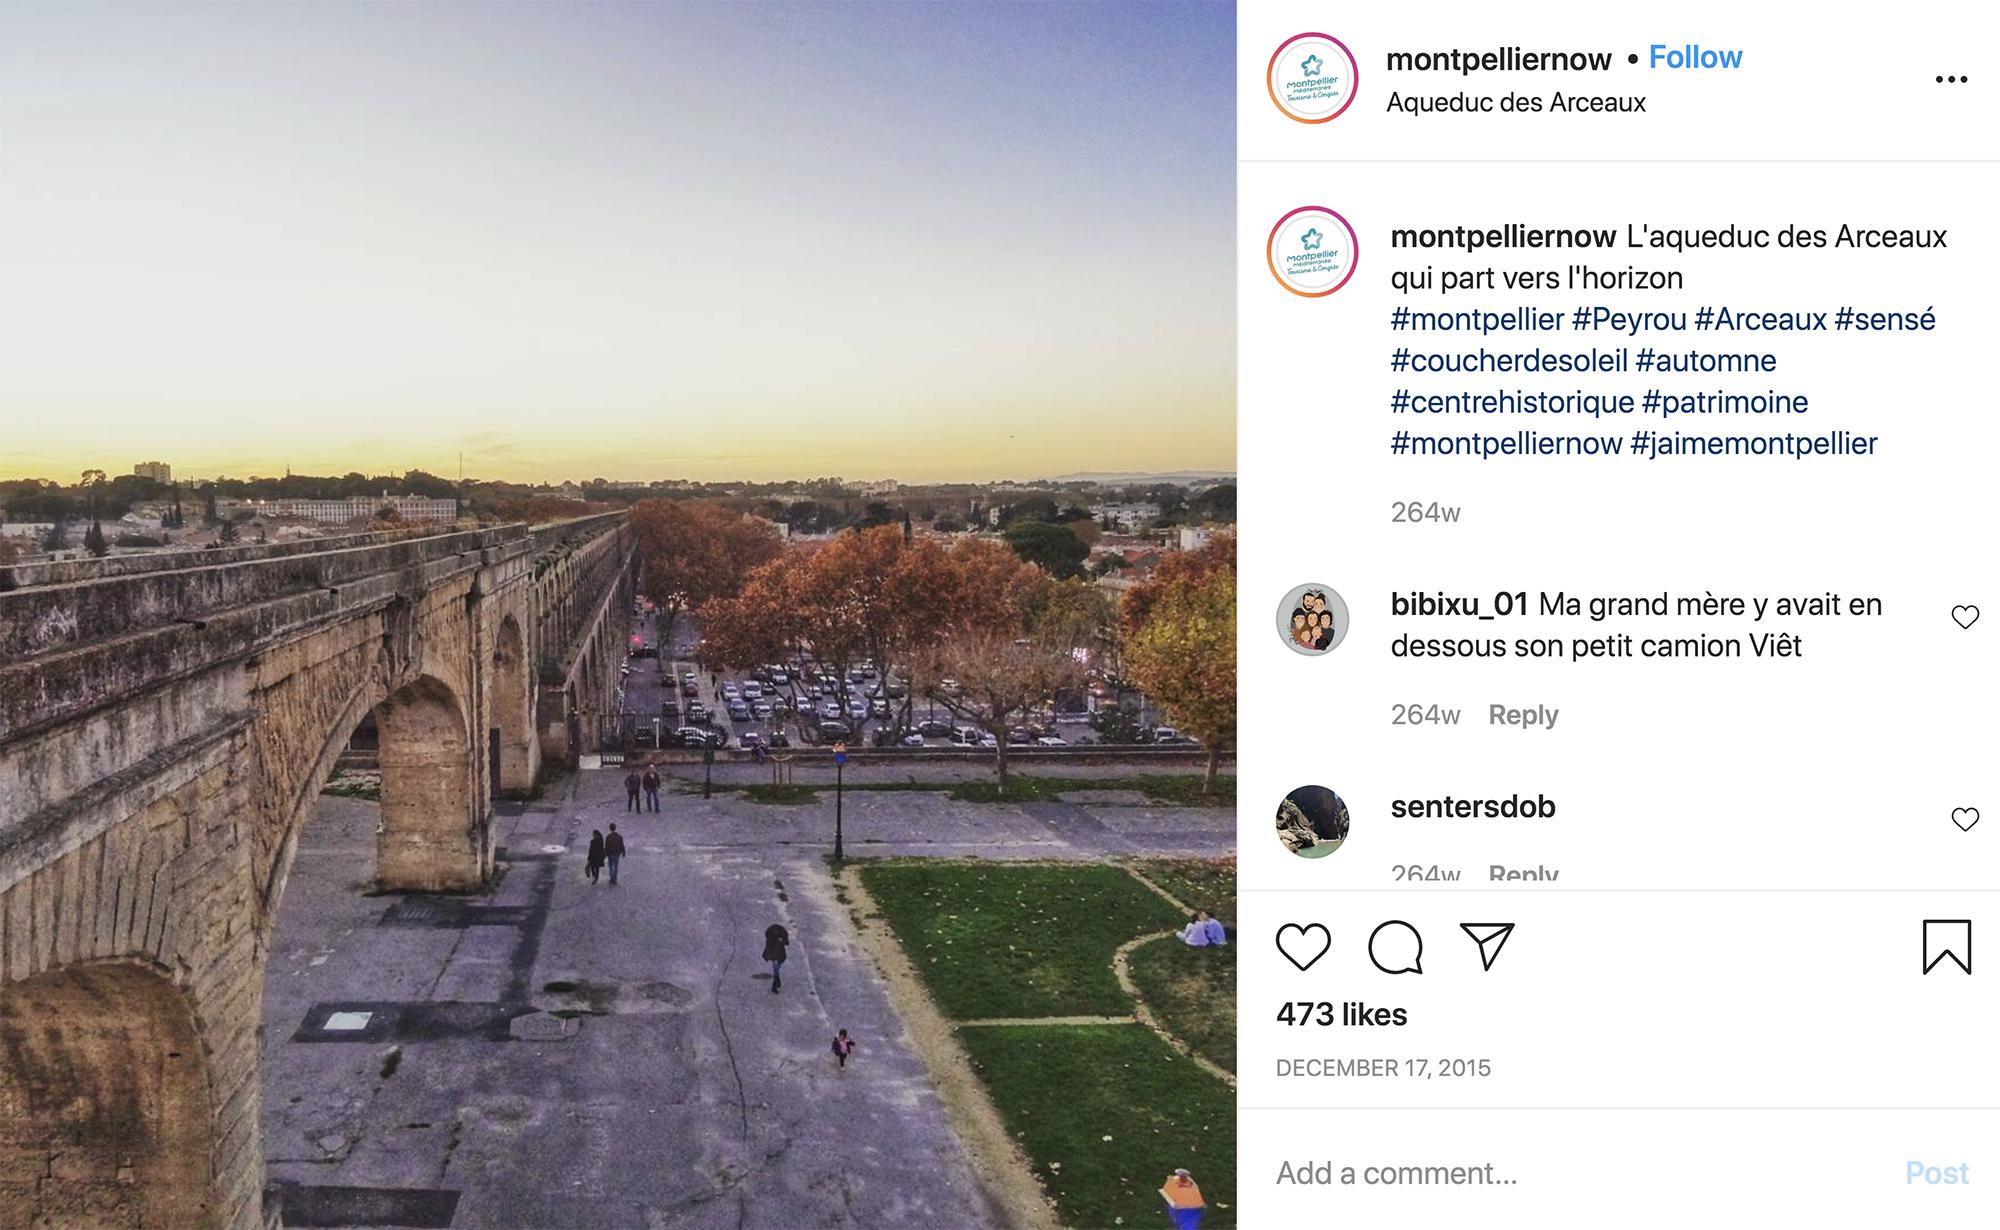 Montpellier que ver acueducto